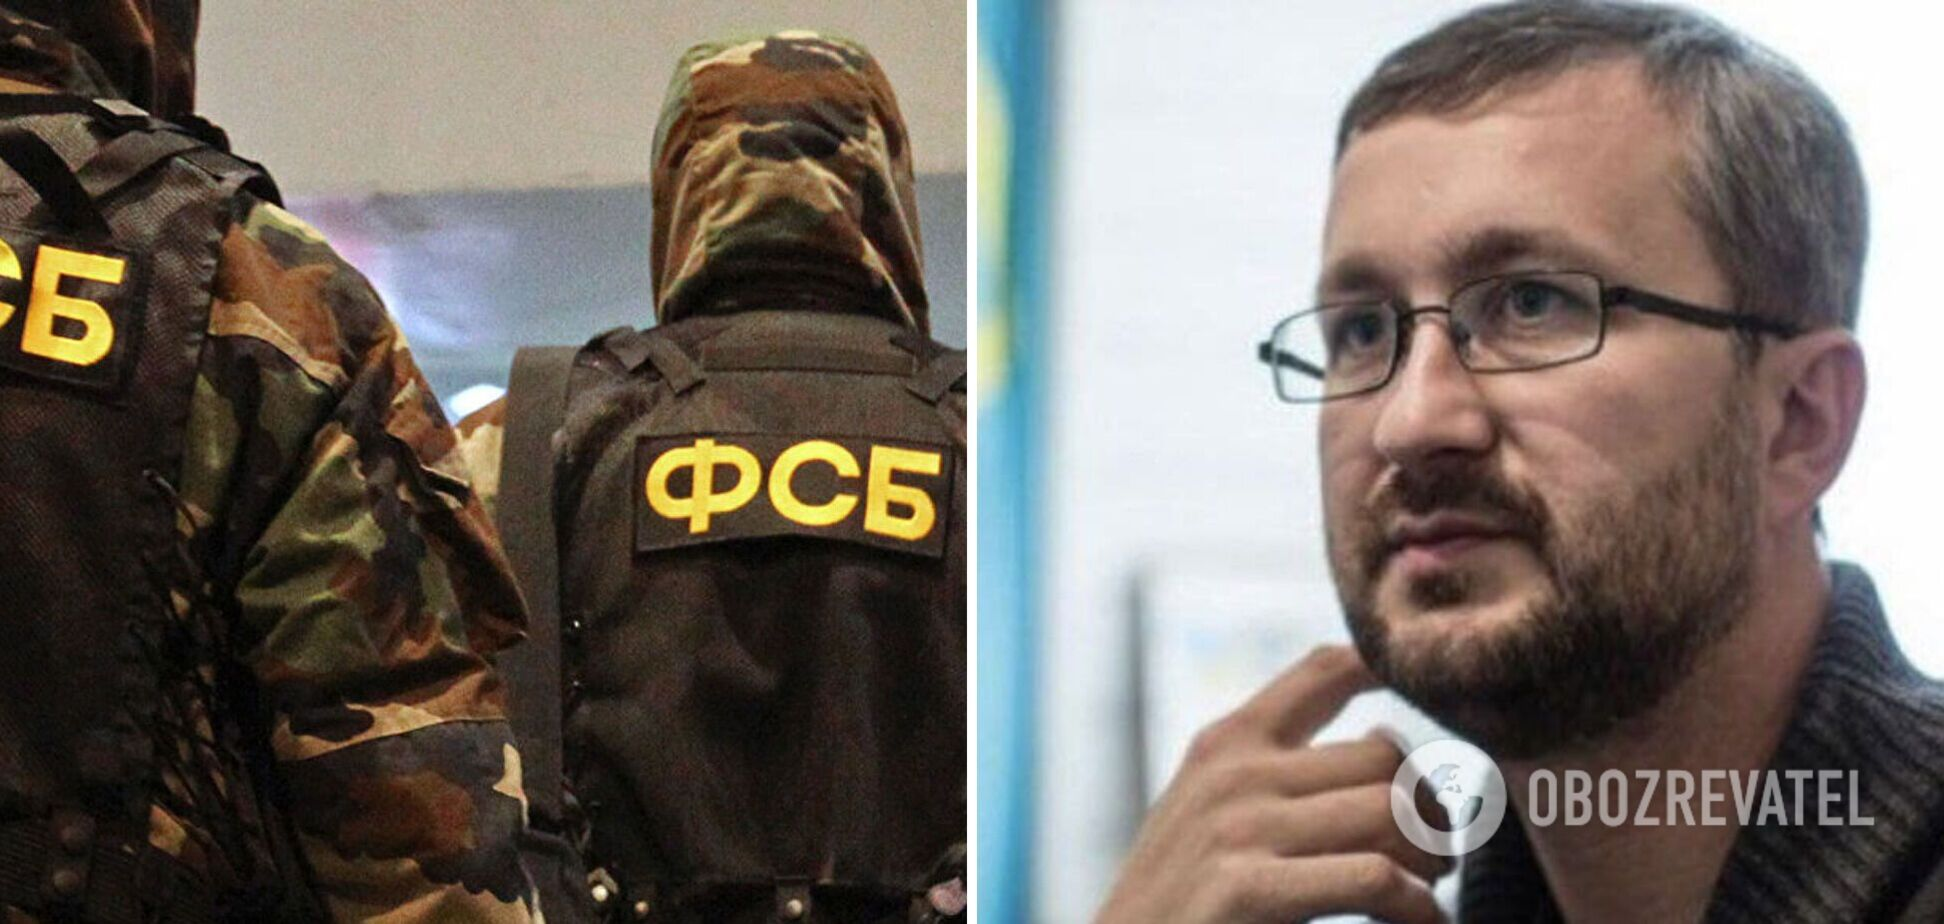 Российские силовики задержали в Крыму десятки крымских татар: в США отреагировали на ситуацию